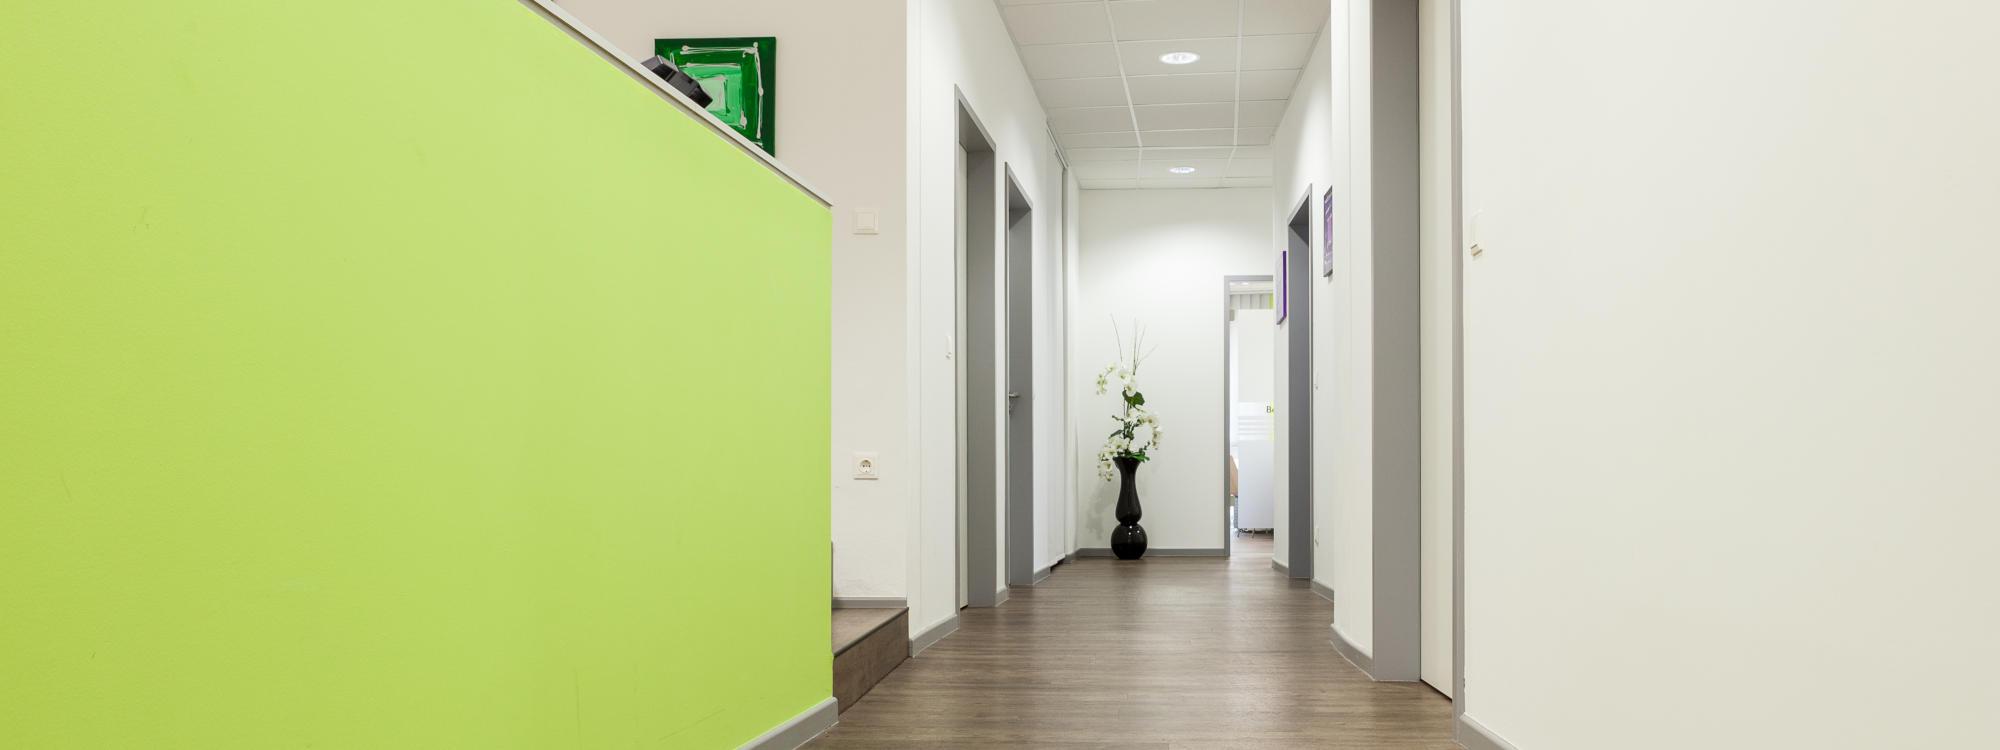 Gruber Innenausbau Elementebau Estrich Und Fußboden